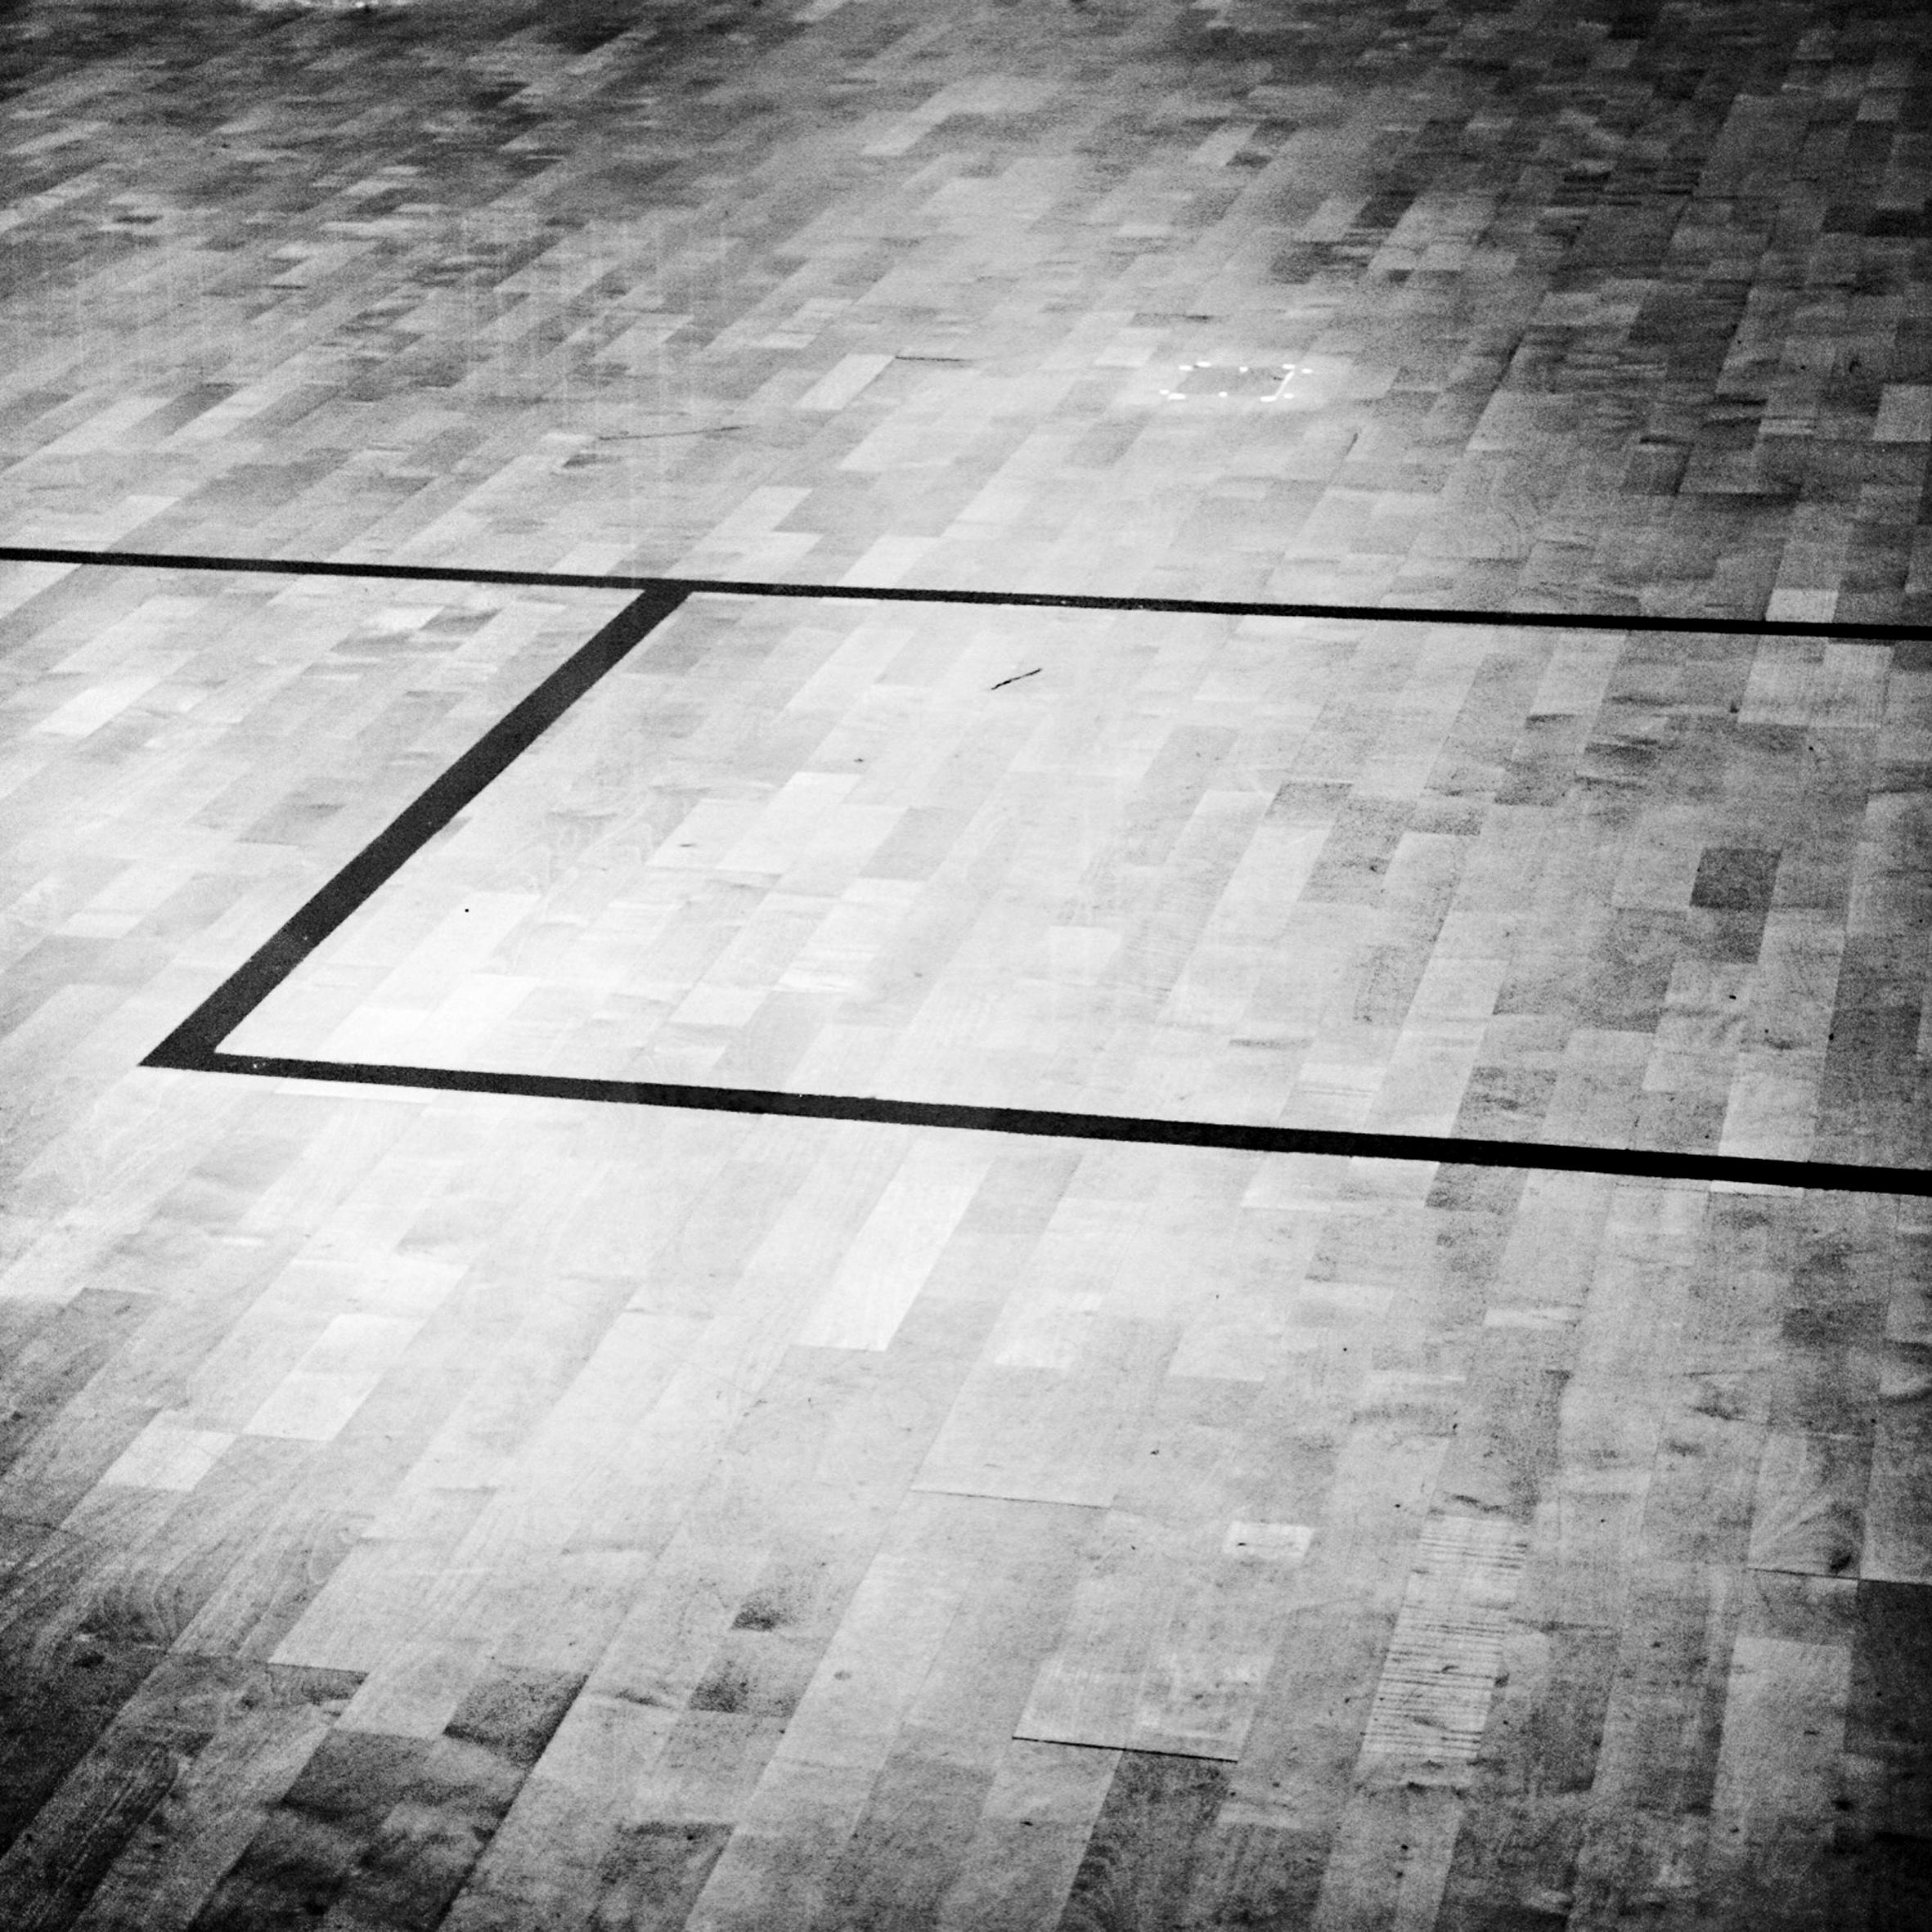 salle de squash cours de squash with salle de squash awesome court de squash squash fitness. Black Bedroom Furniture Sets. Home Design Ideas